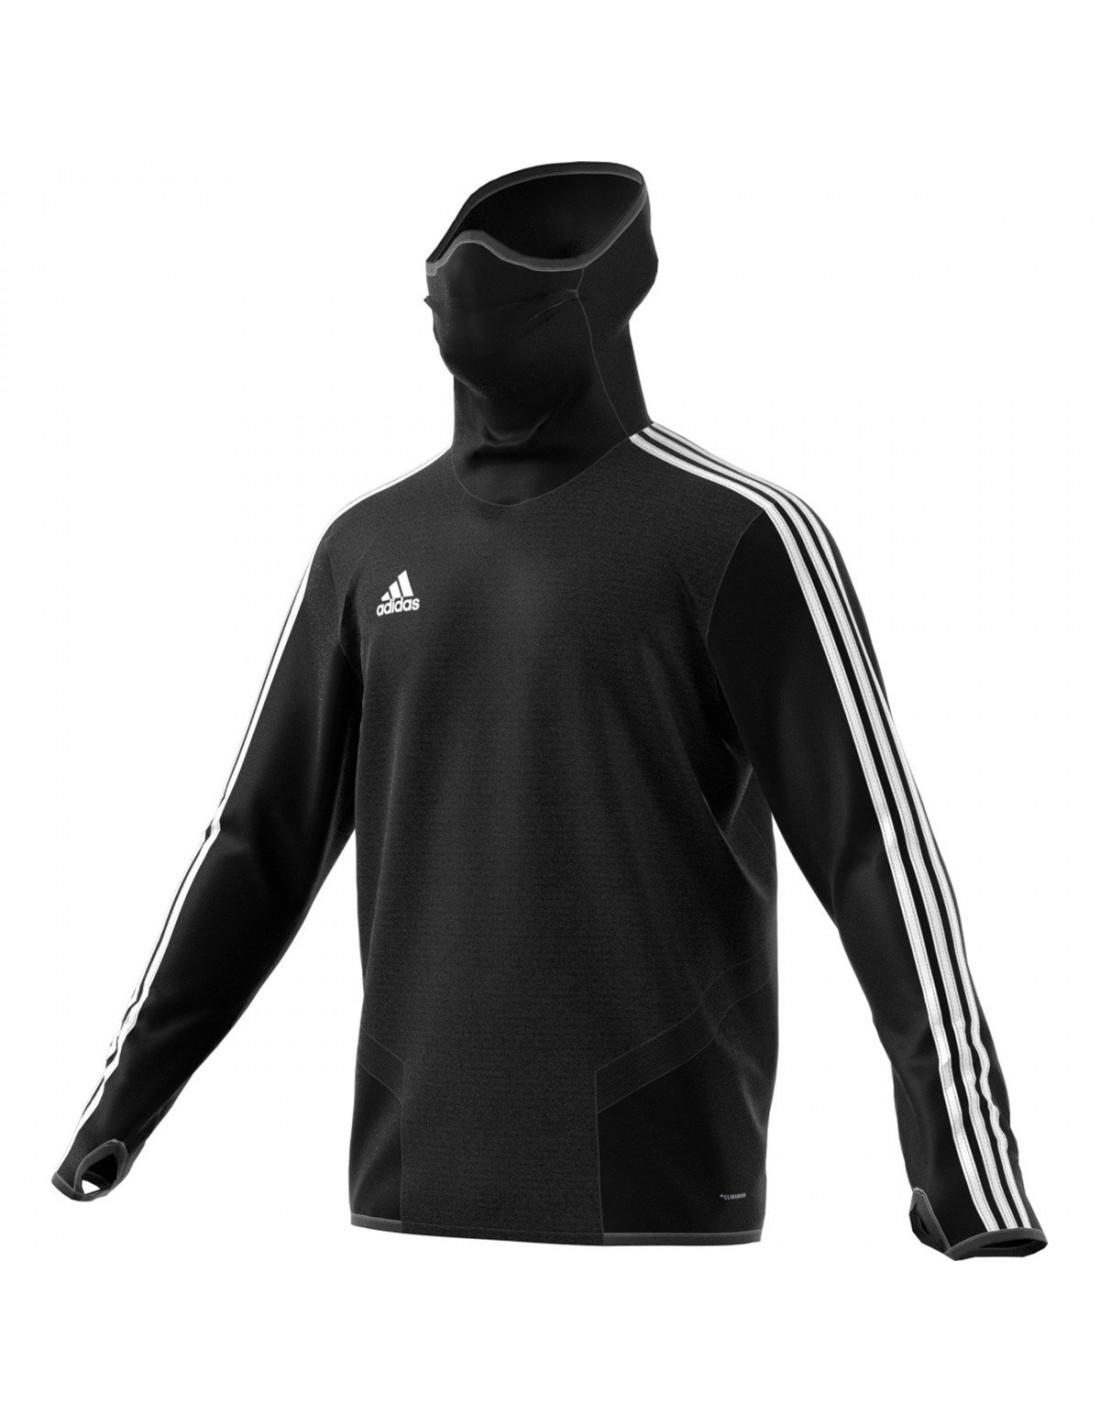 Genser Herrer Adidas Tiro19 Warm Top Herre DJ2593 599 kr